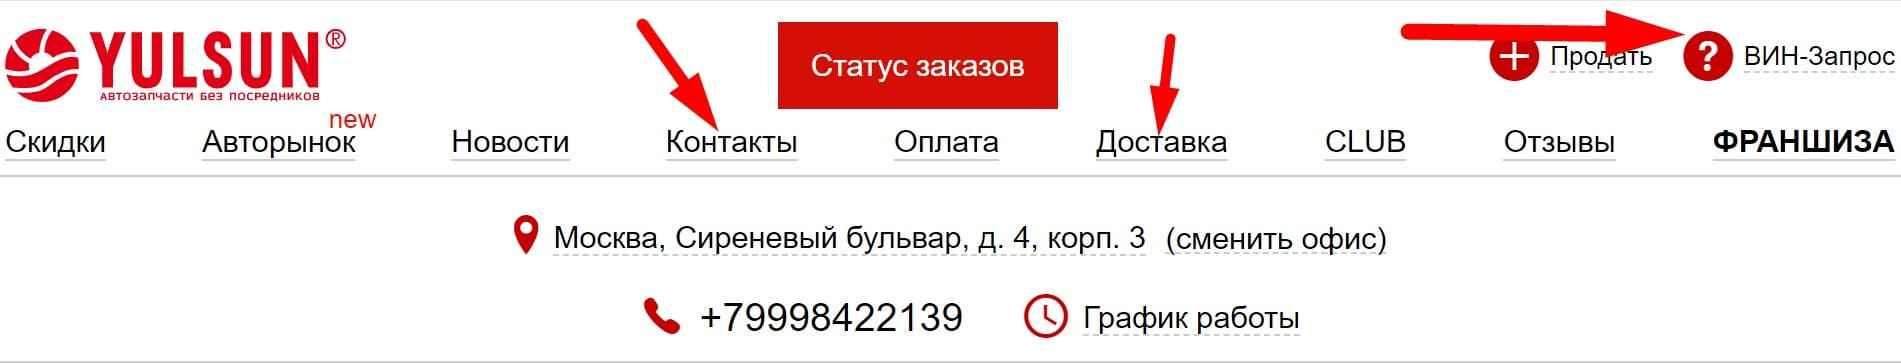 ЛК «Юлсун»